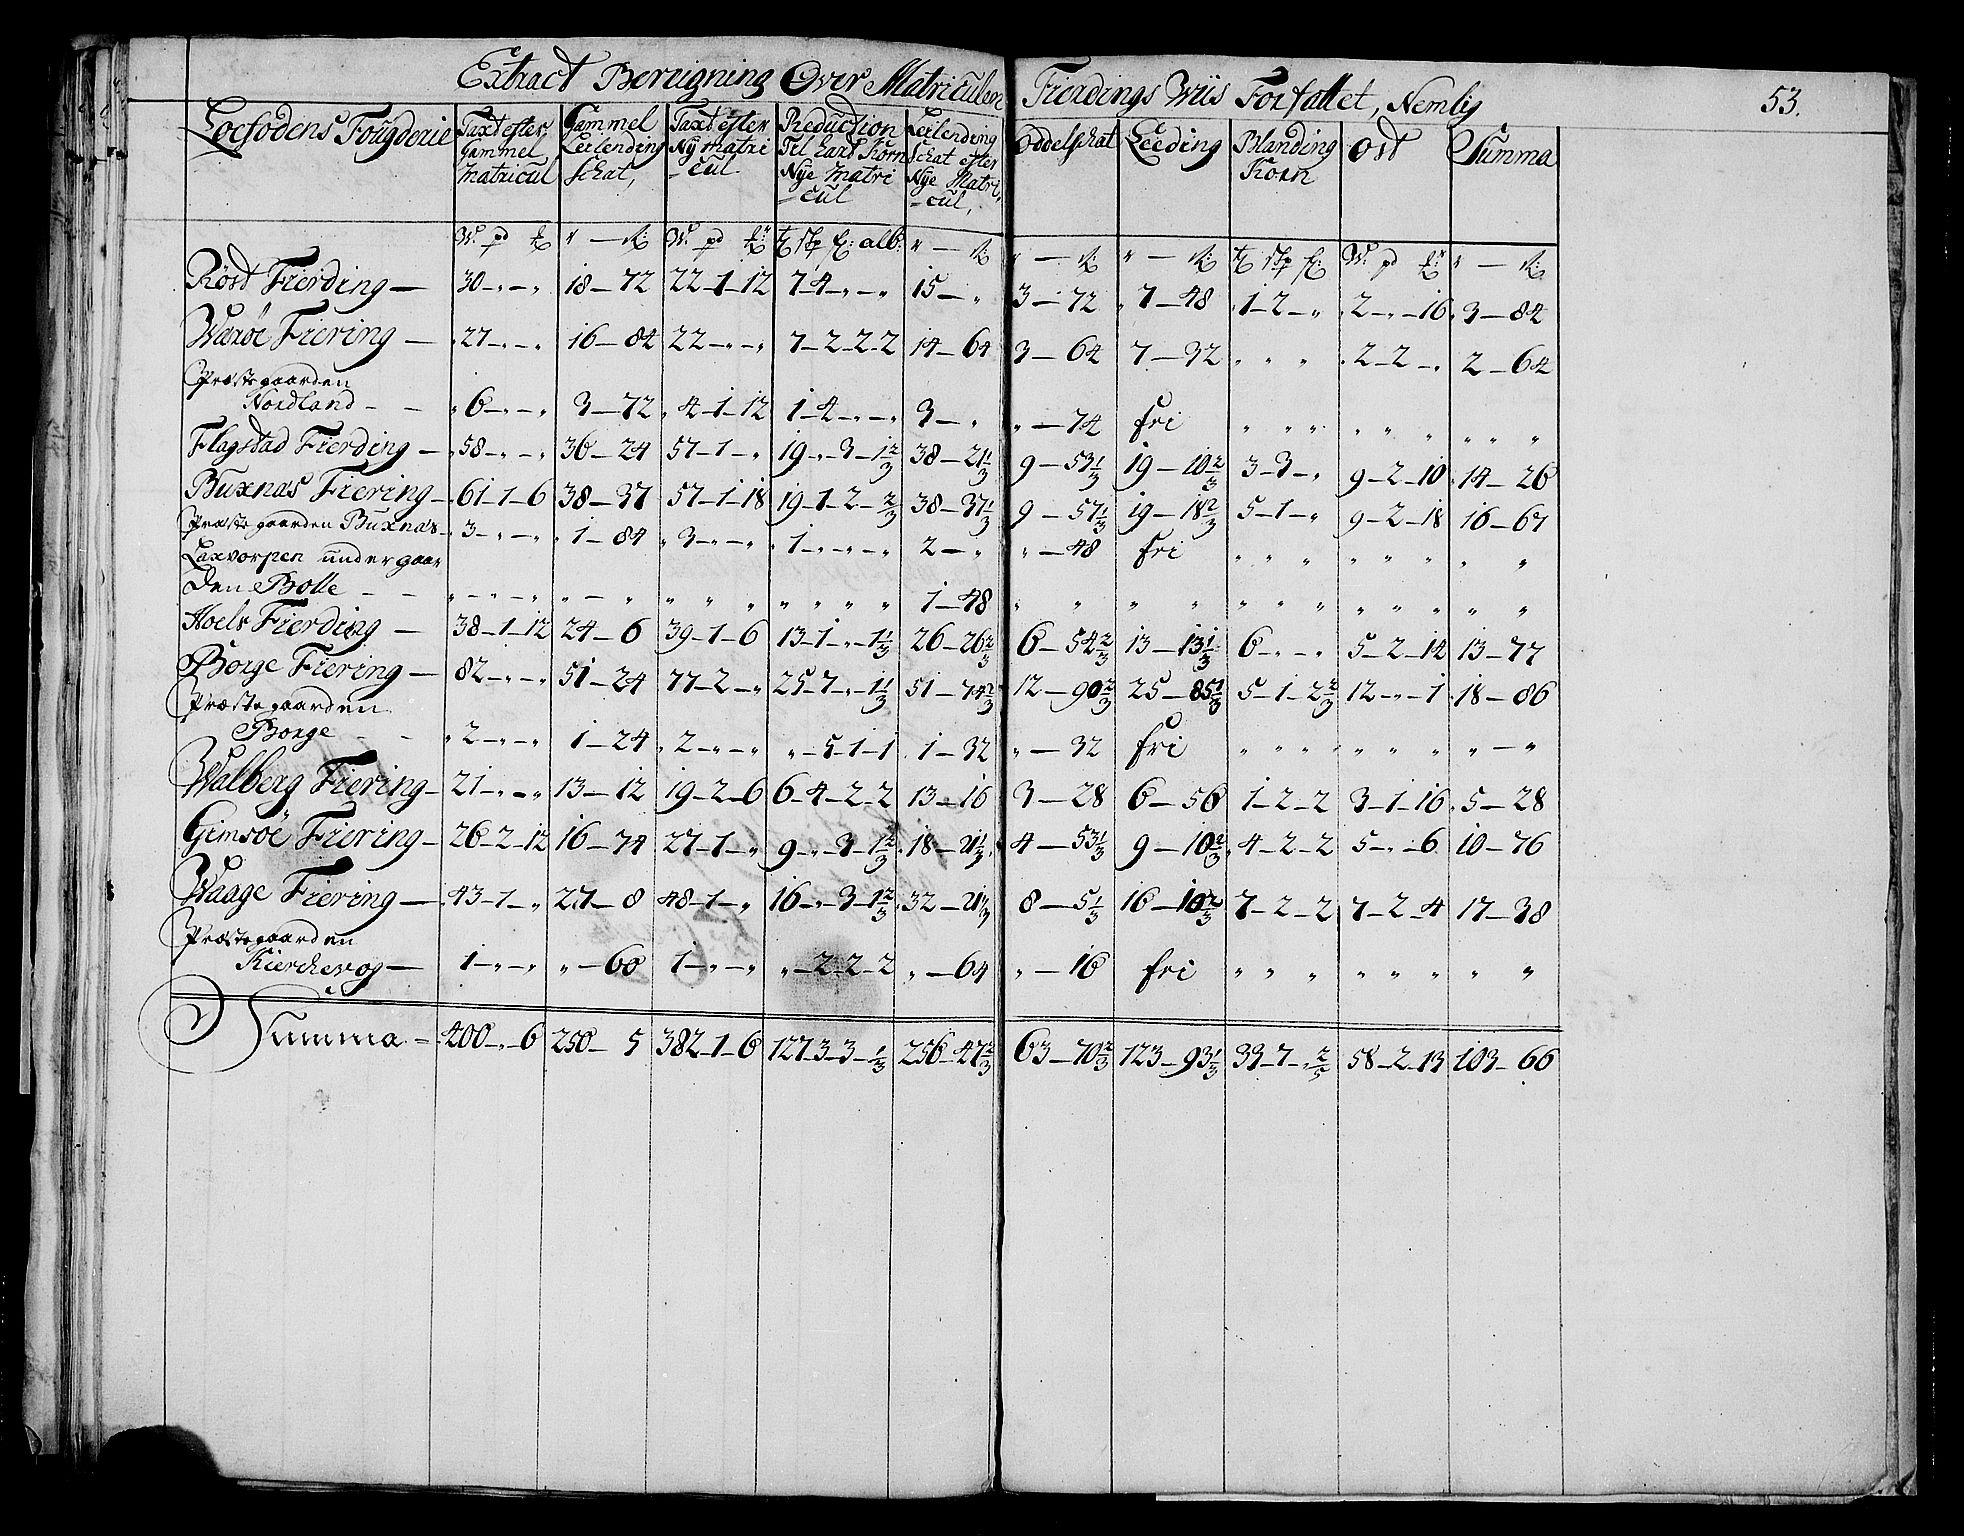 RA, Rentekammeret inntil 1814, Realistisk ordnet avdeling, N/Nb/Nbf/L0175: Lofoten matrikkelprotokoll, 1723, s. 52b-53a